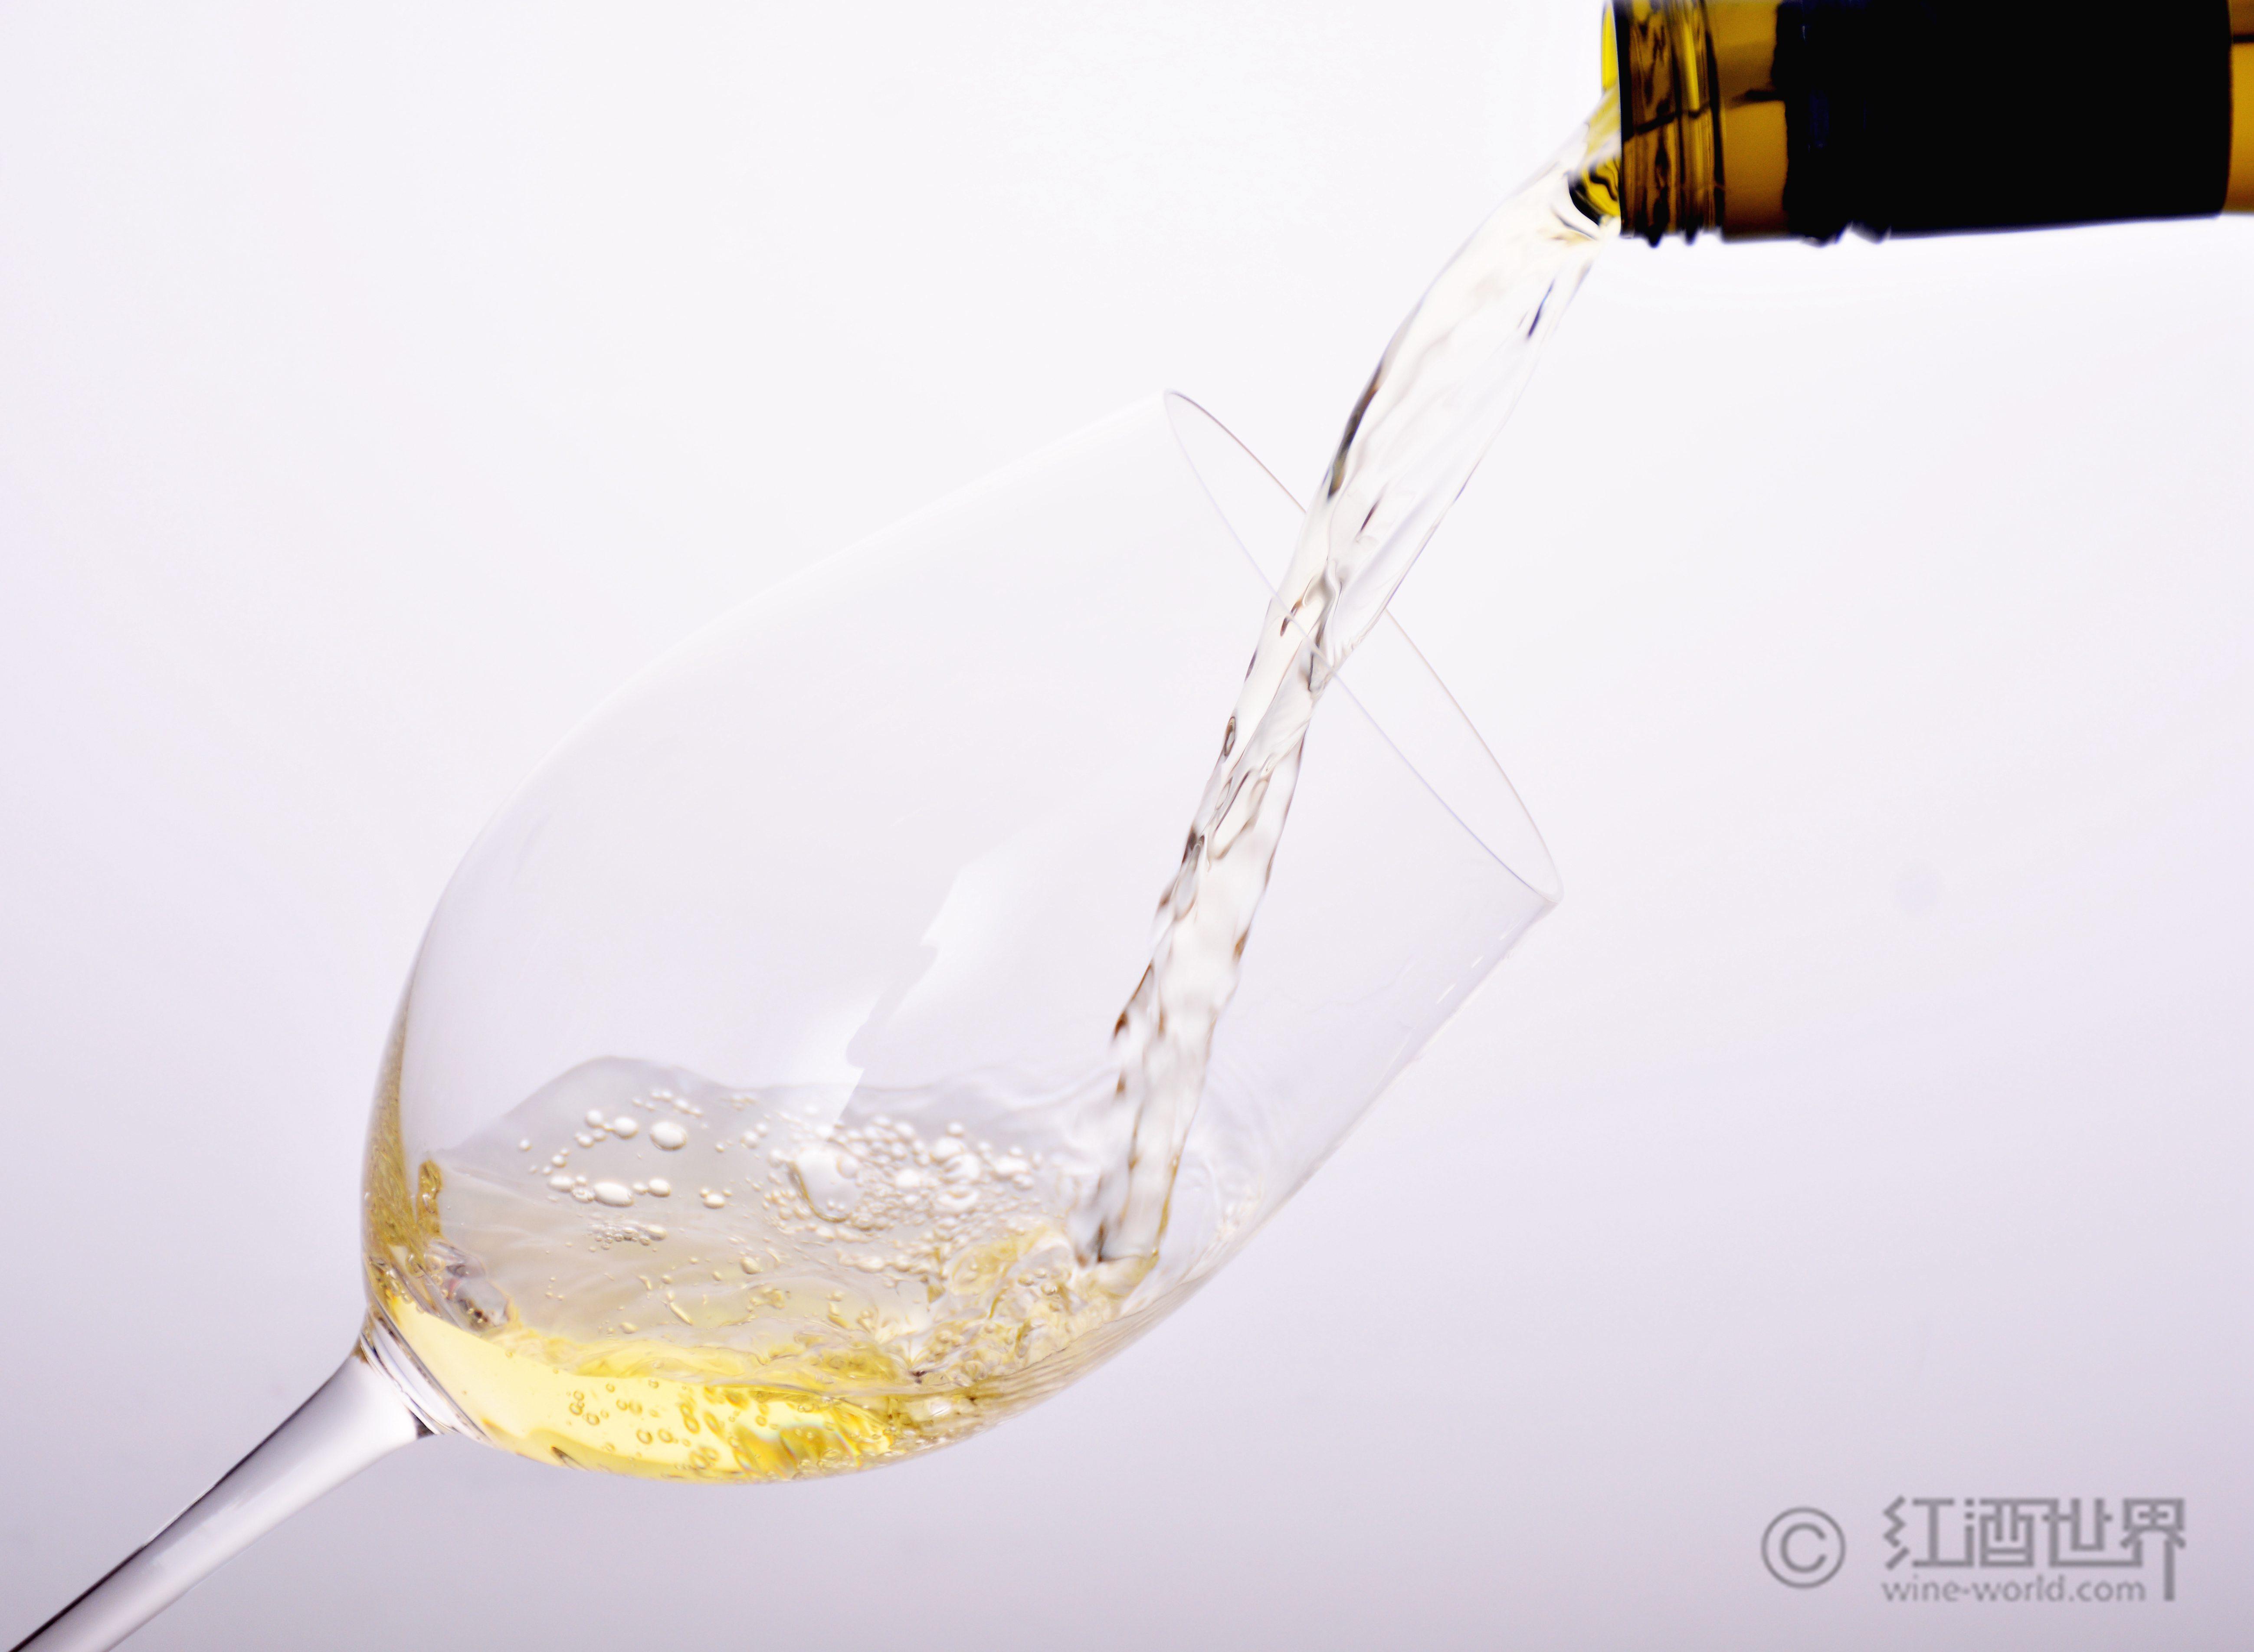 各式辛辣菜肴如何搭配葡萄酒?